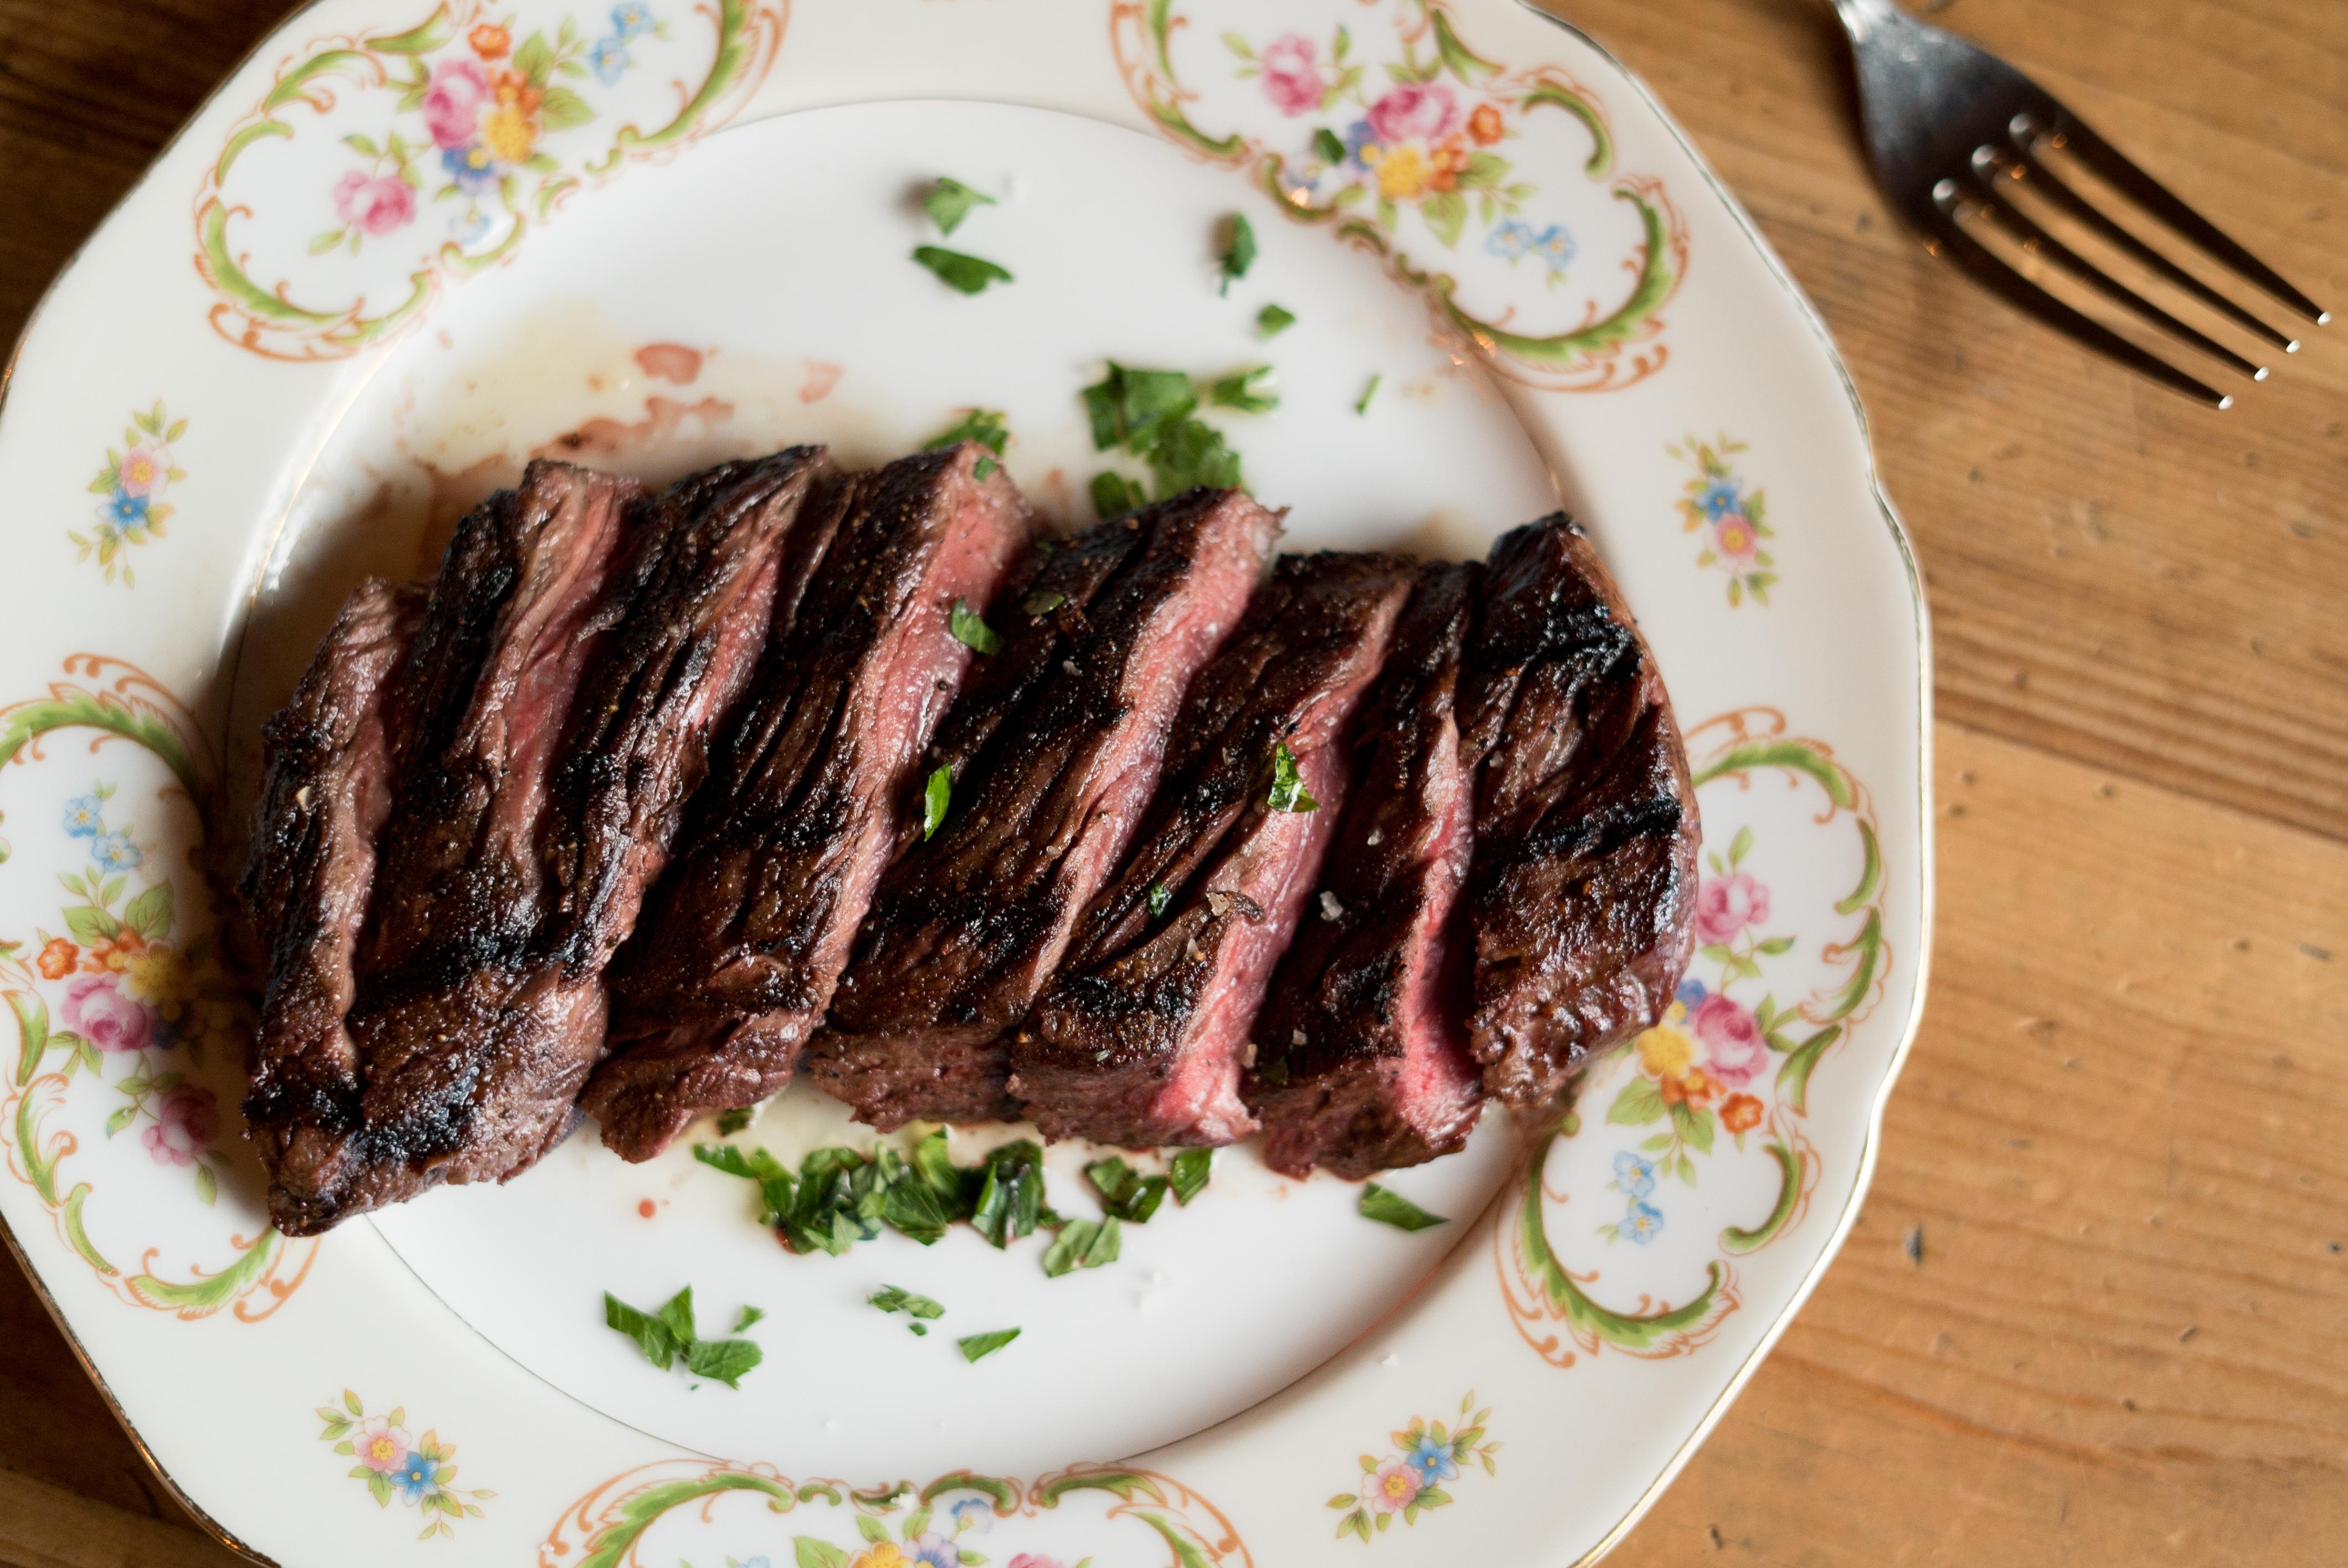 A steak at St. Anselm